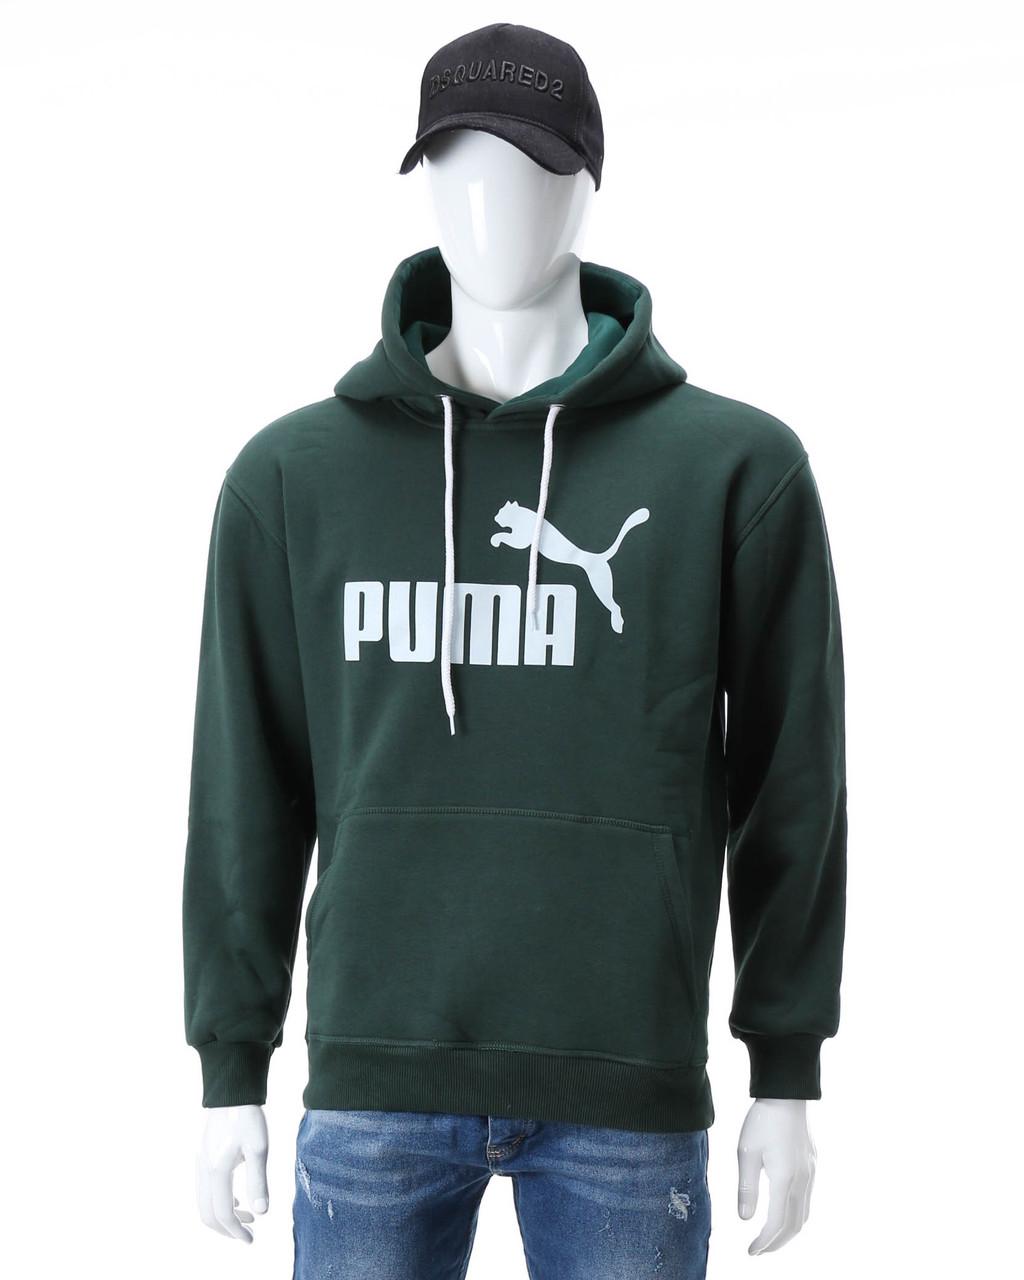 Худи осень-зима т зеленый PUMA Т-2 DGRN XL(Р) 20-477-203